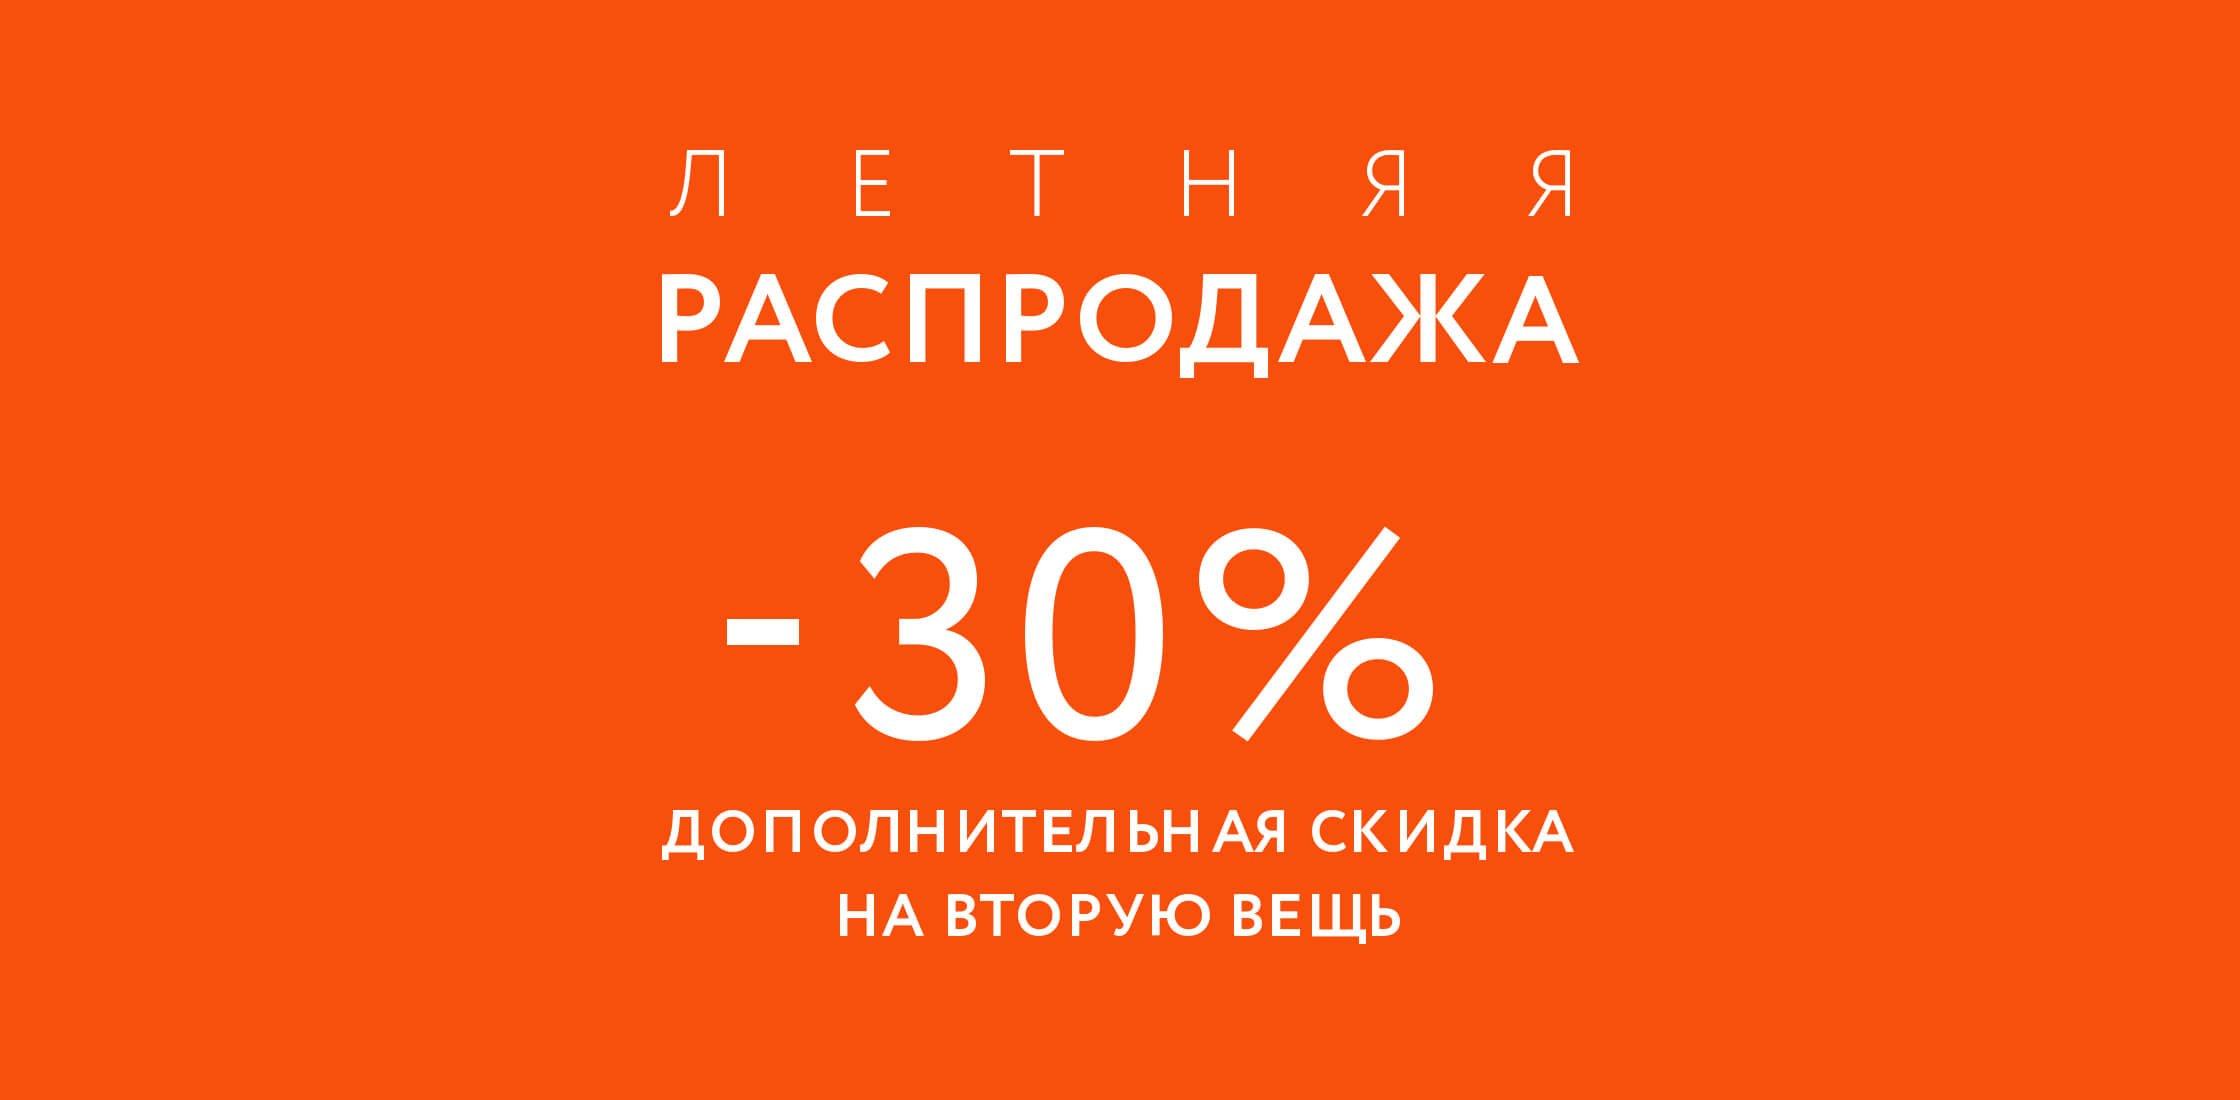 2293ea044e28e ЦУМ - интернет-магазин одежды, обуви и аксессуаров ведущих мировых ...